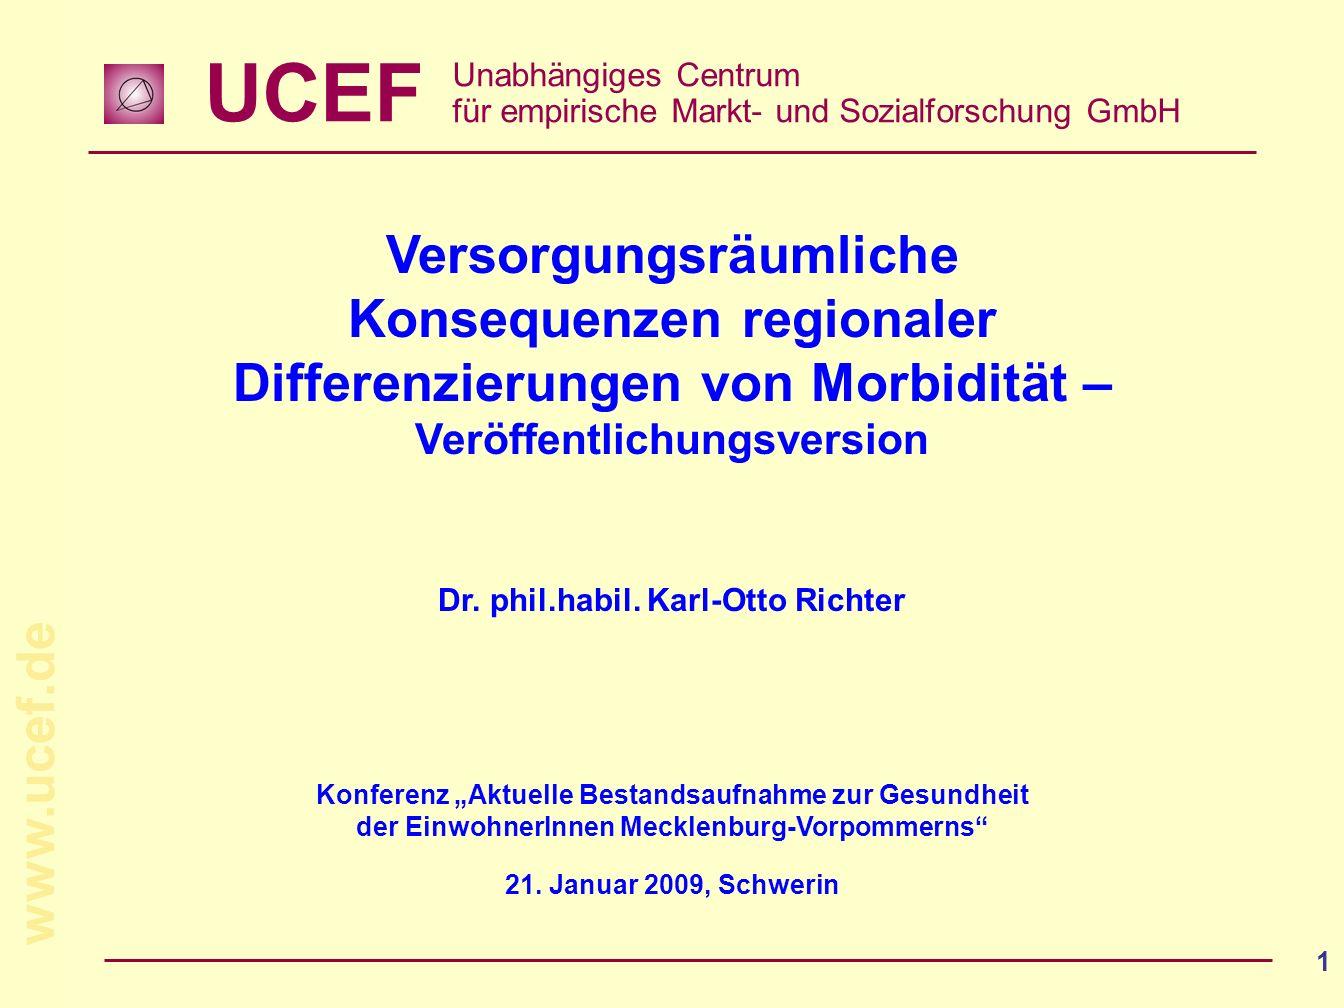 UCEF Unabhängiges Centrum für empirische Markt- und Sozialforschung GmbH www.ucef.de 1 Versorgungsräumliche Konsequenzen regionaler Differenzierungen